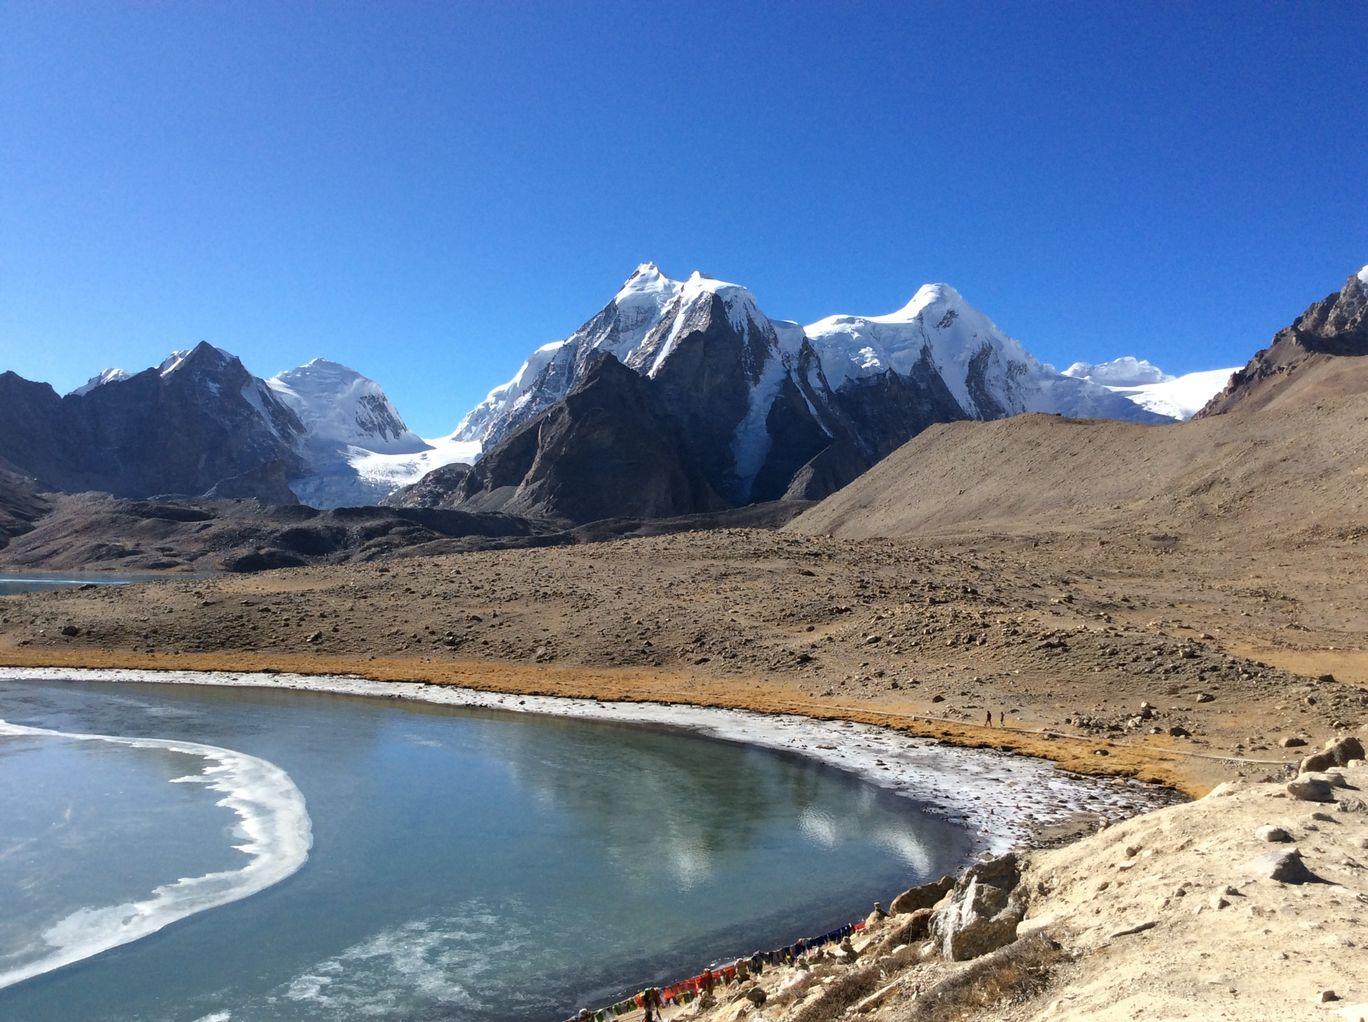 Photo of Gurudongmar Lake By Hardik Bhakhar